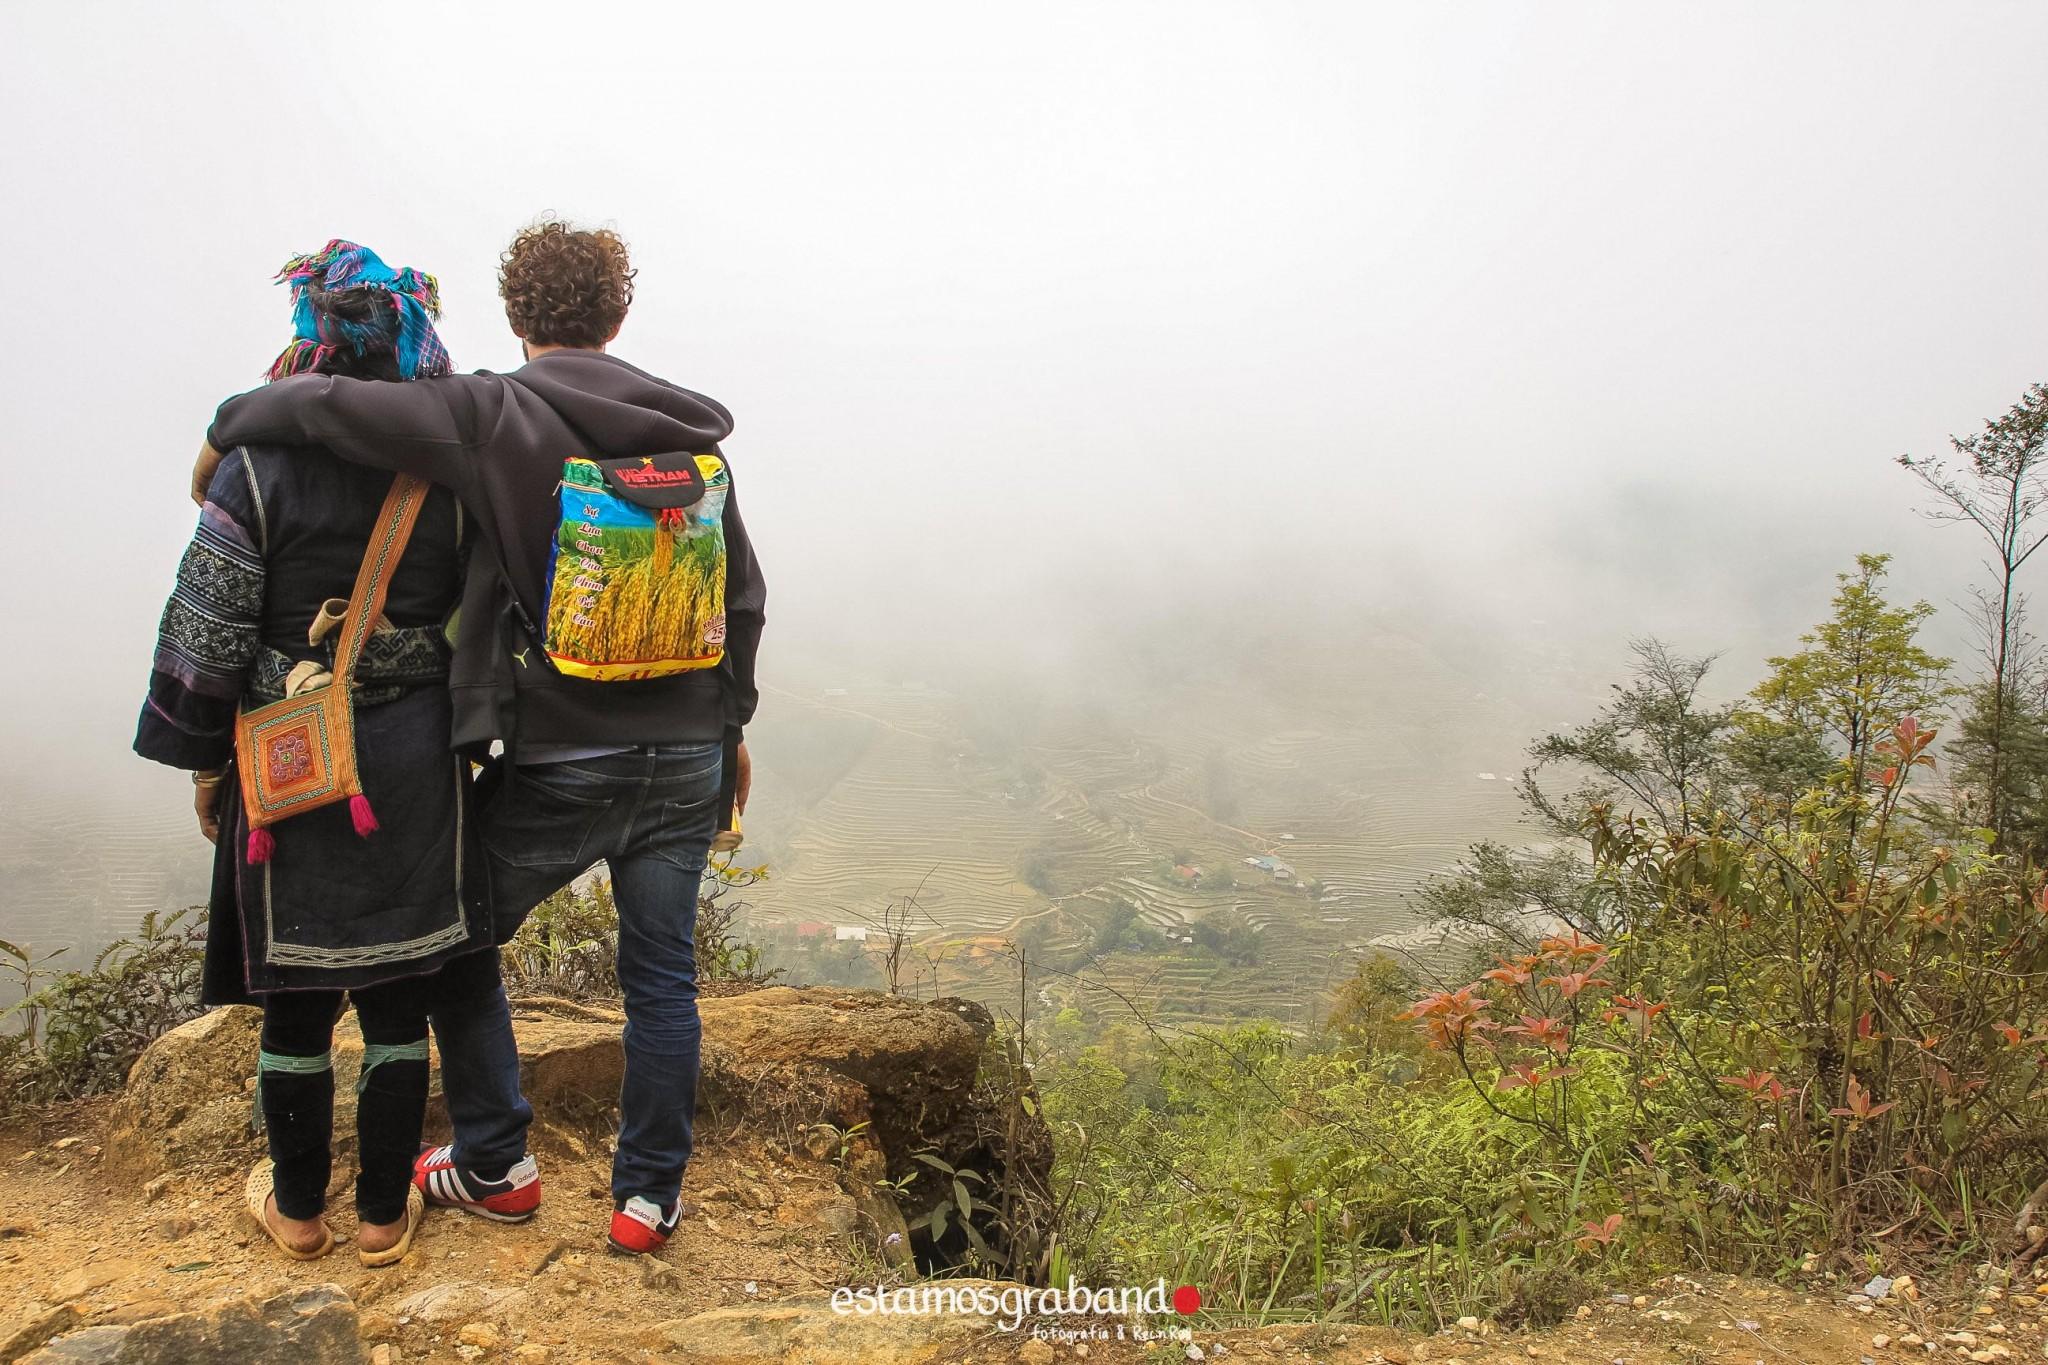 retratos-vietnam_reportaje-vietnam_estamosgrabando-vietnam_rutasvietnam_reportaje-retratos-fotos-vietnam_fotografia-vietnam_reportaje-estamosgrabando-fotograficc81a-vietnam1 Pequeños grandes recuerdos de Vietnam en 100 imágenes - video boda cadiz